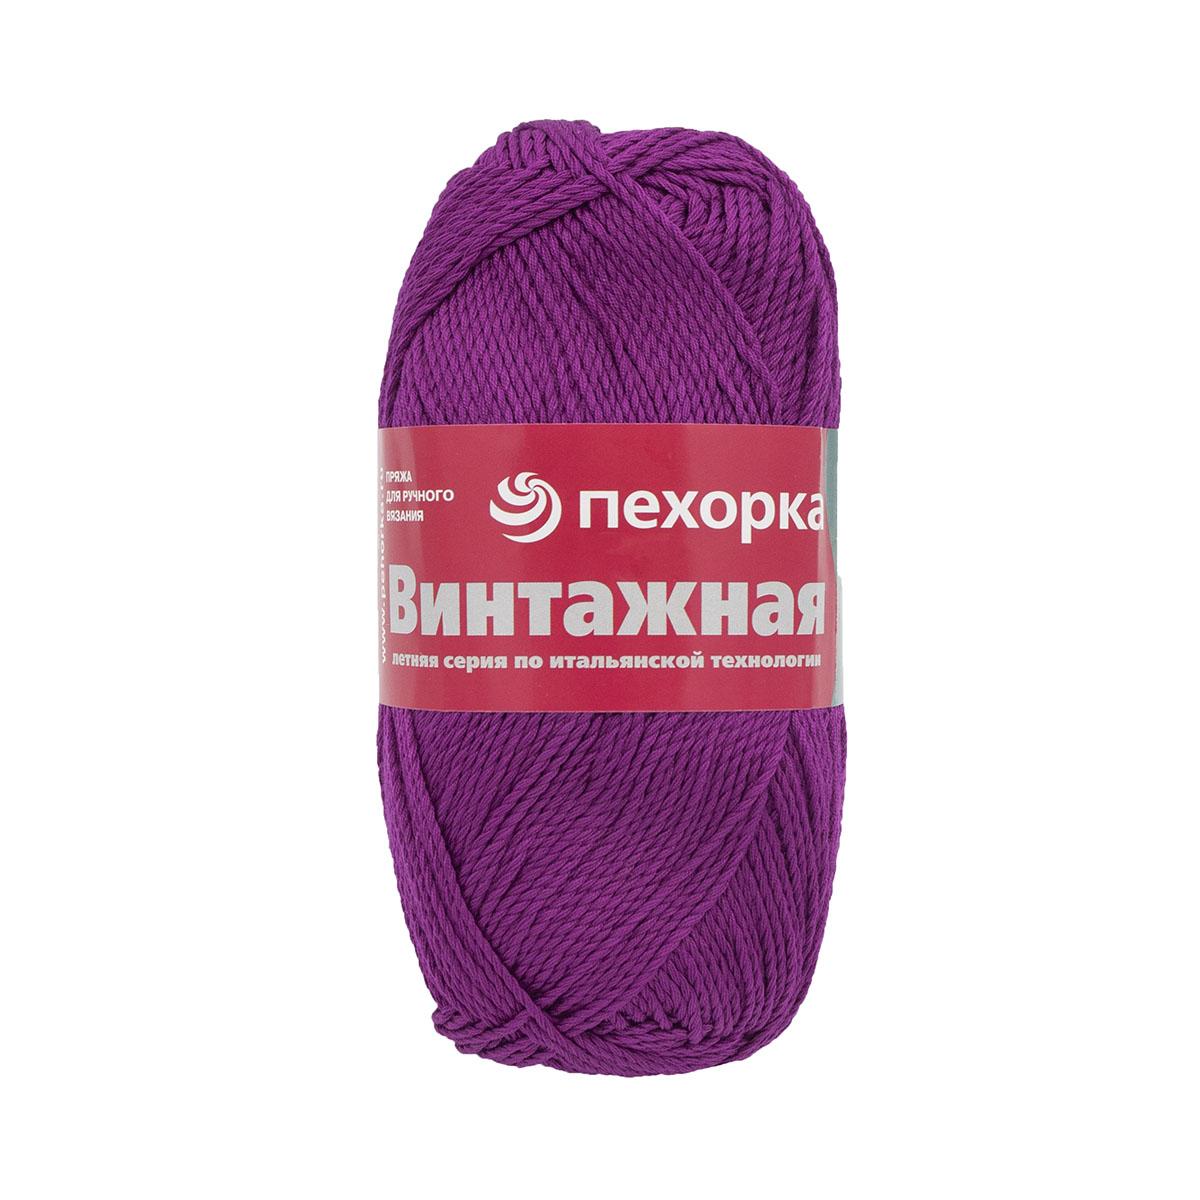 Пряжа Пехорка 'Винтажная' 100г, 240м(100% мерсеризованный хлопок)